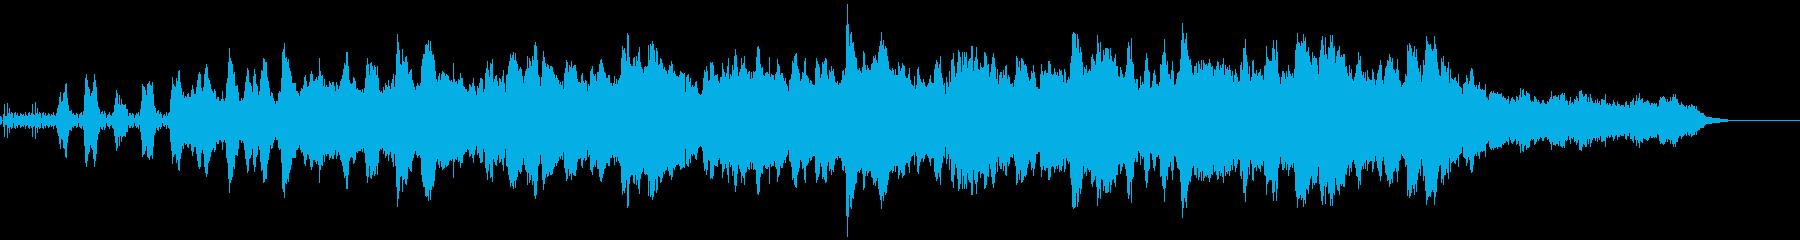 ミステリアスなミニマルテクノの再生済みの波形